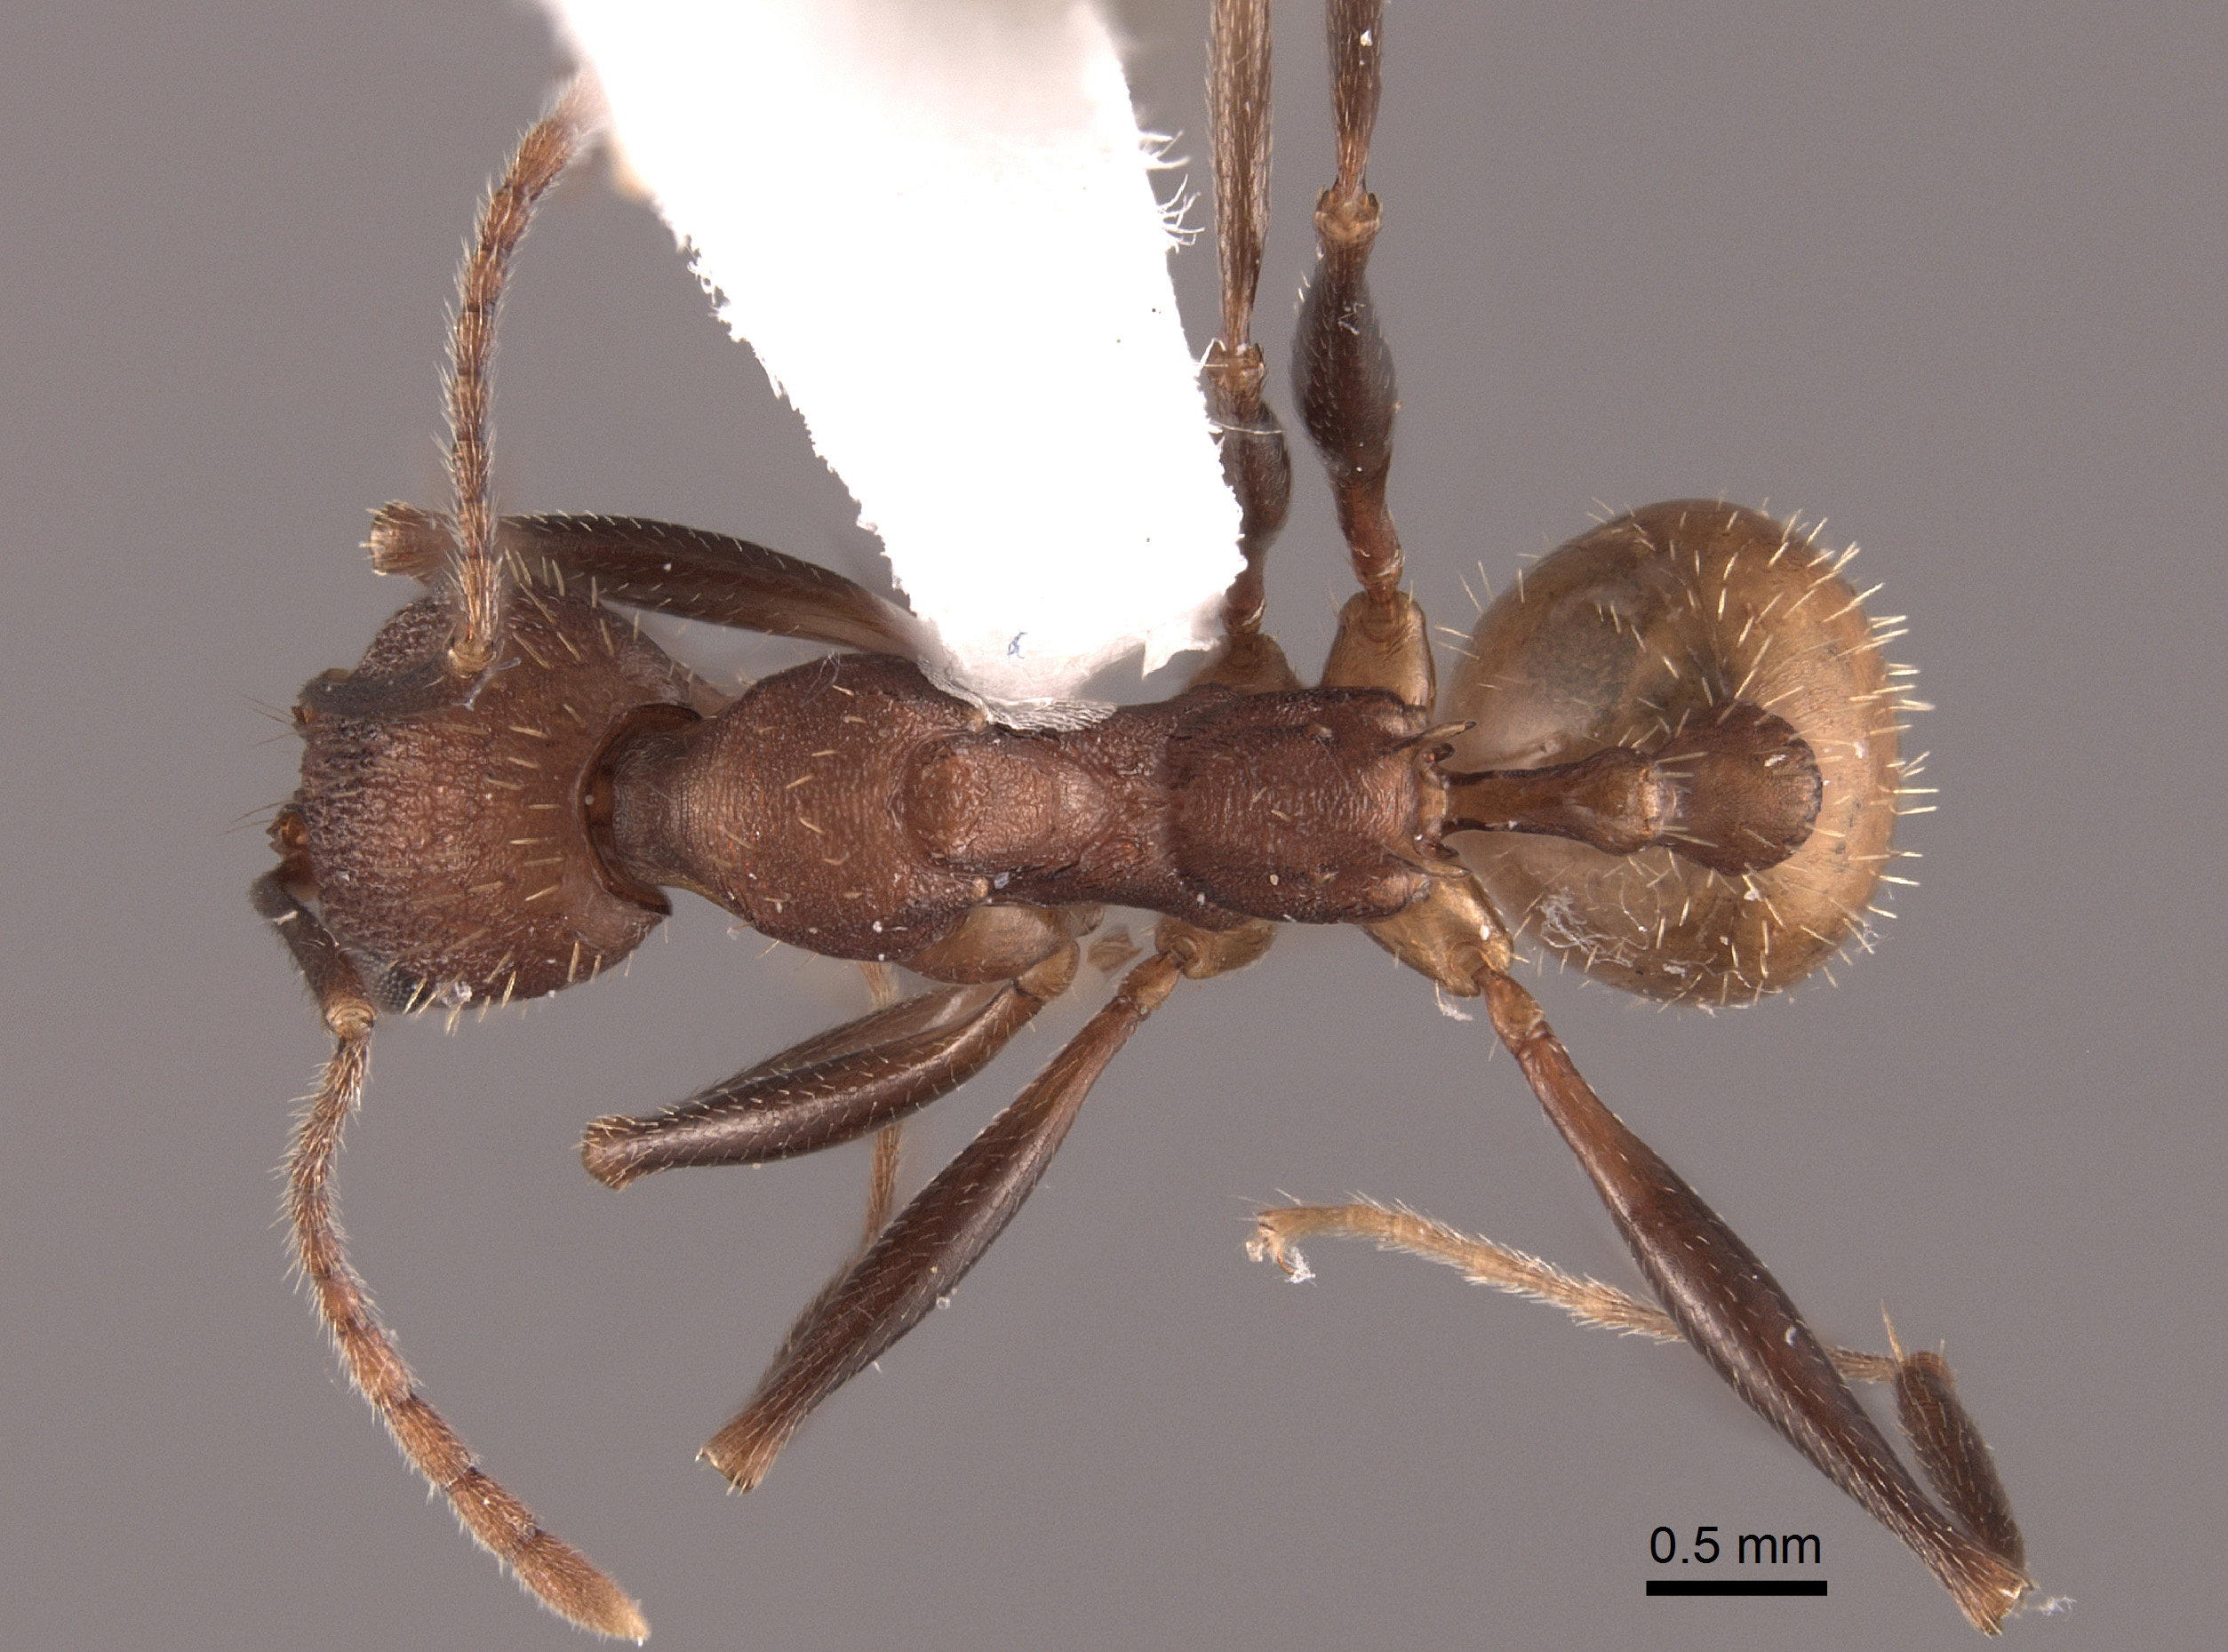 Image of Aphaenogaster lamellidens